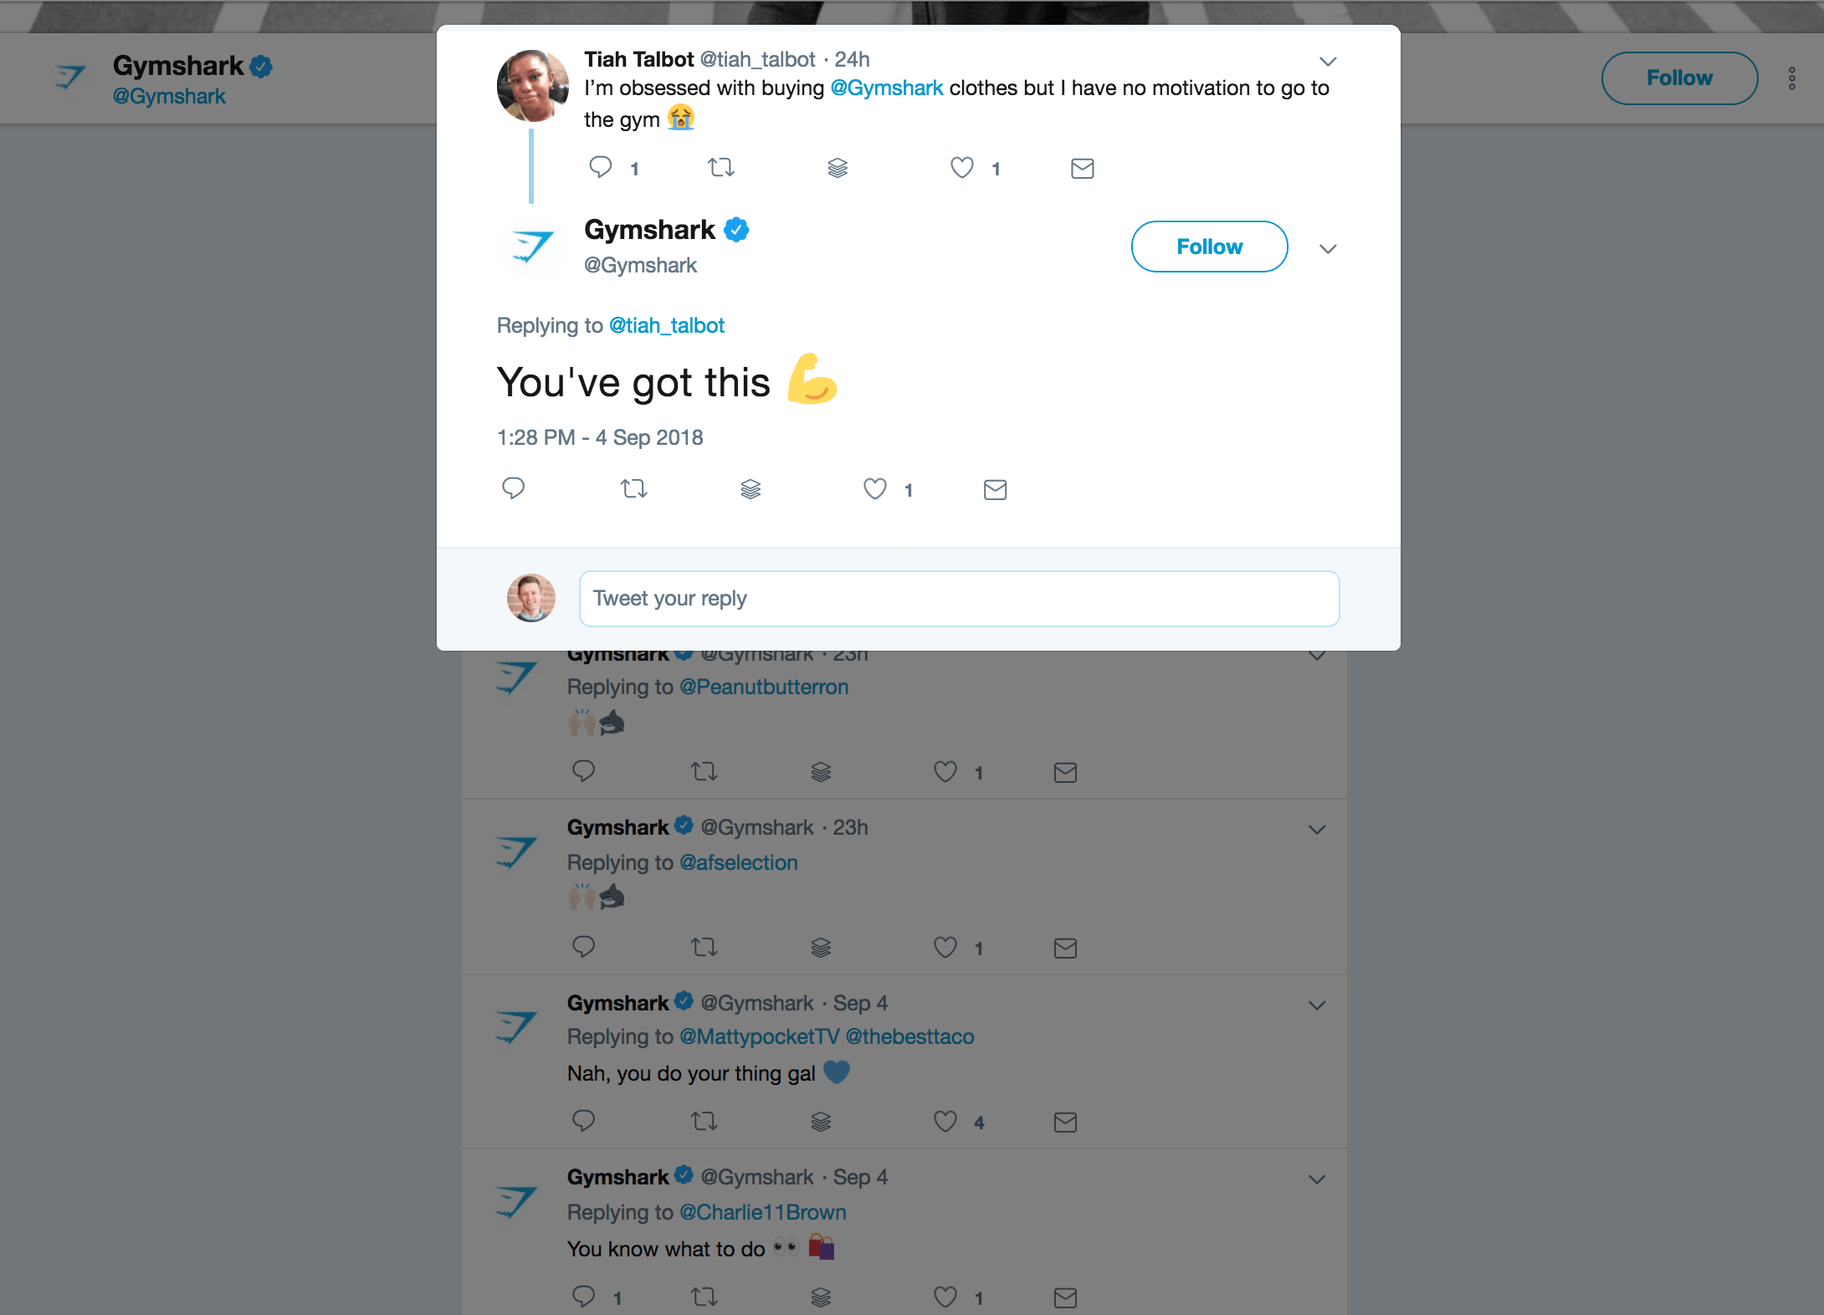 Gymshark Twitter